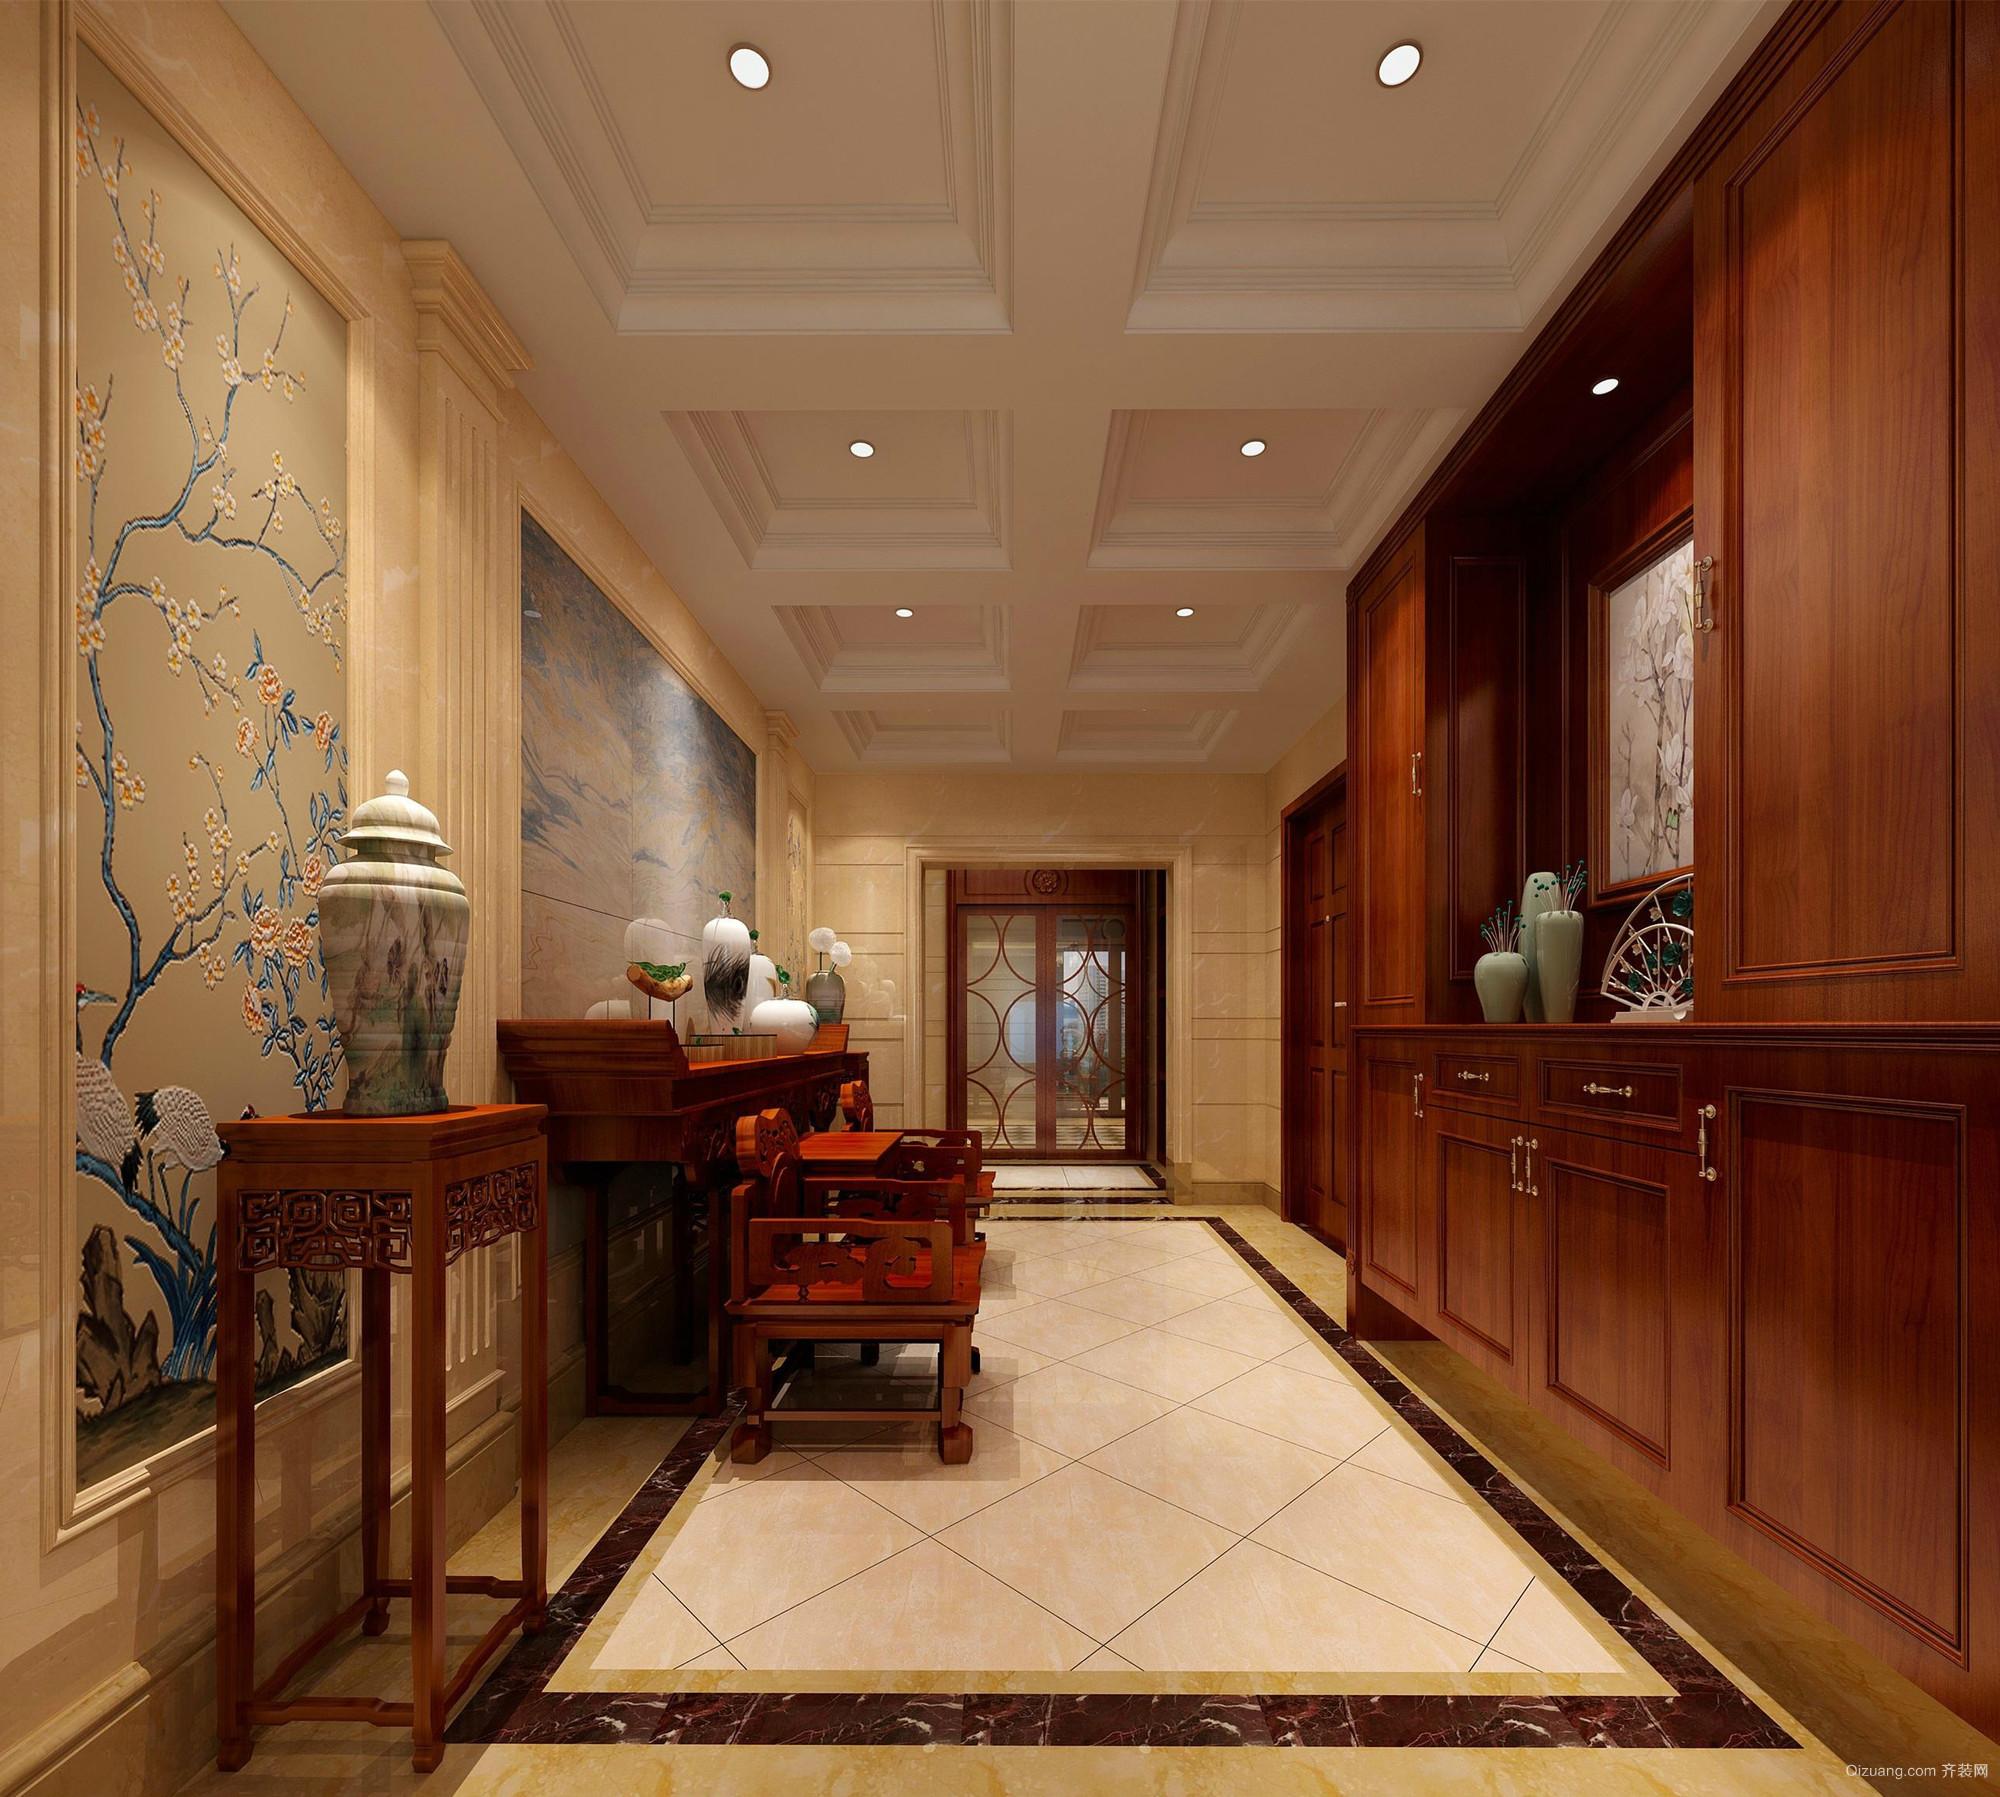 中式古典格调的大户型玄关设计效果图